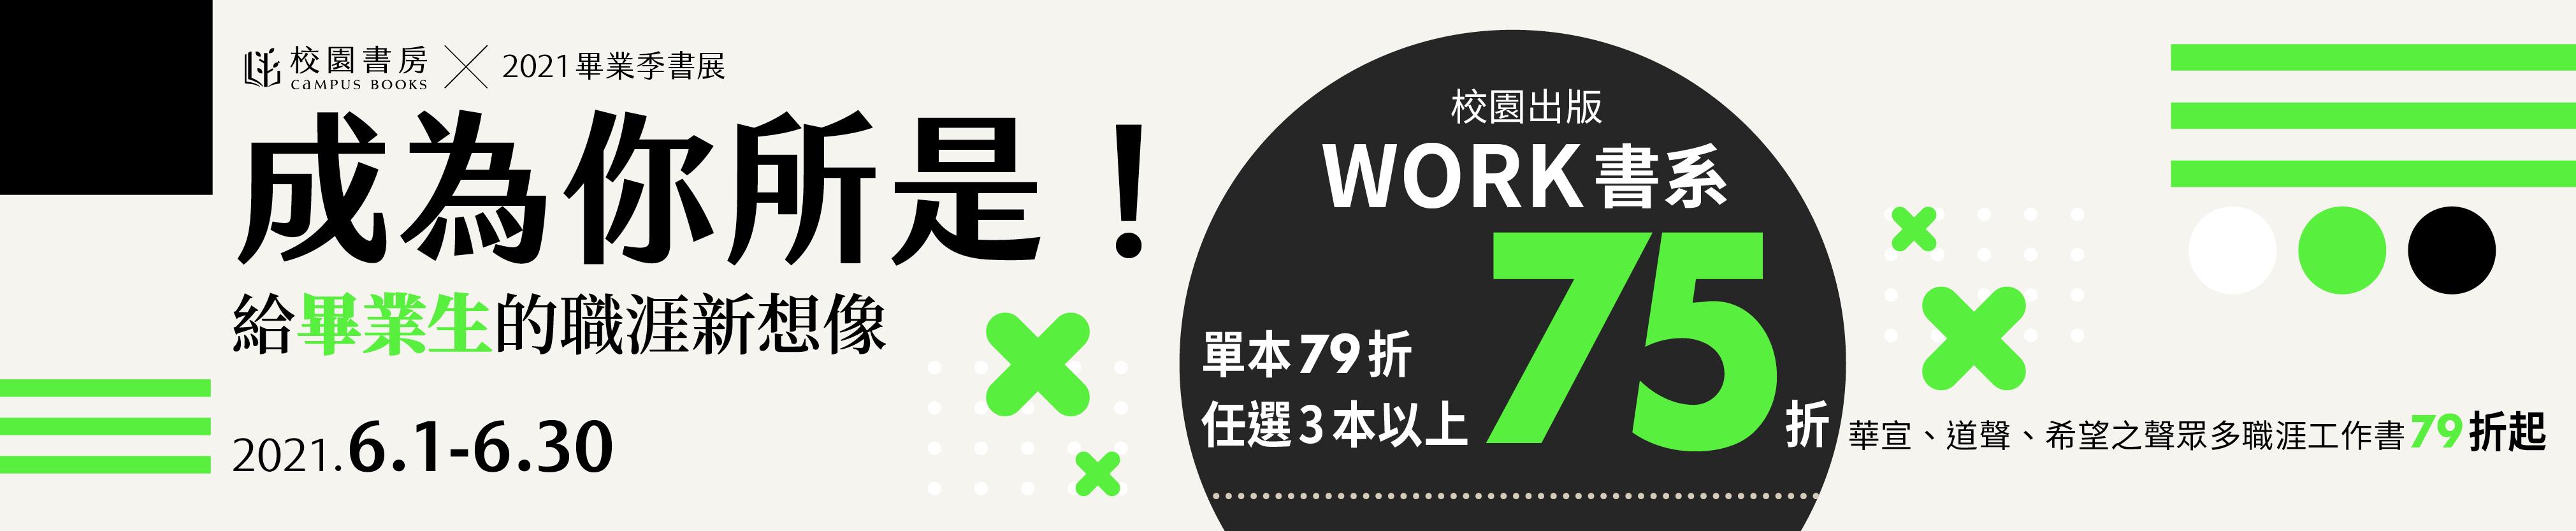 校園網路畢業季 (6/17 - 30)  文章頭